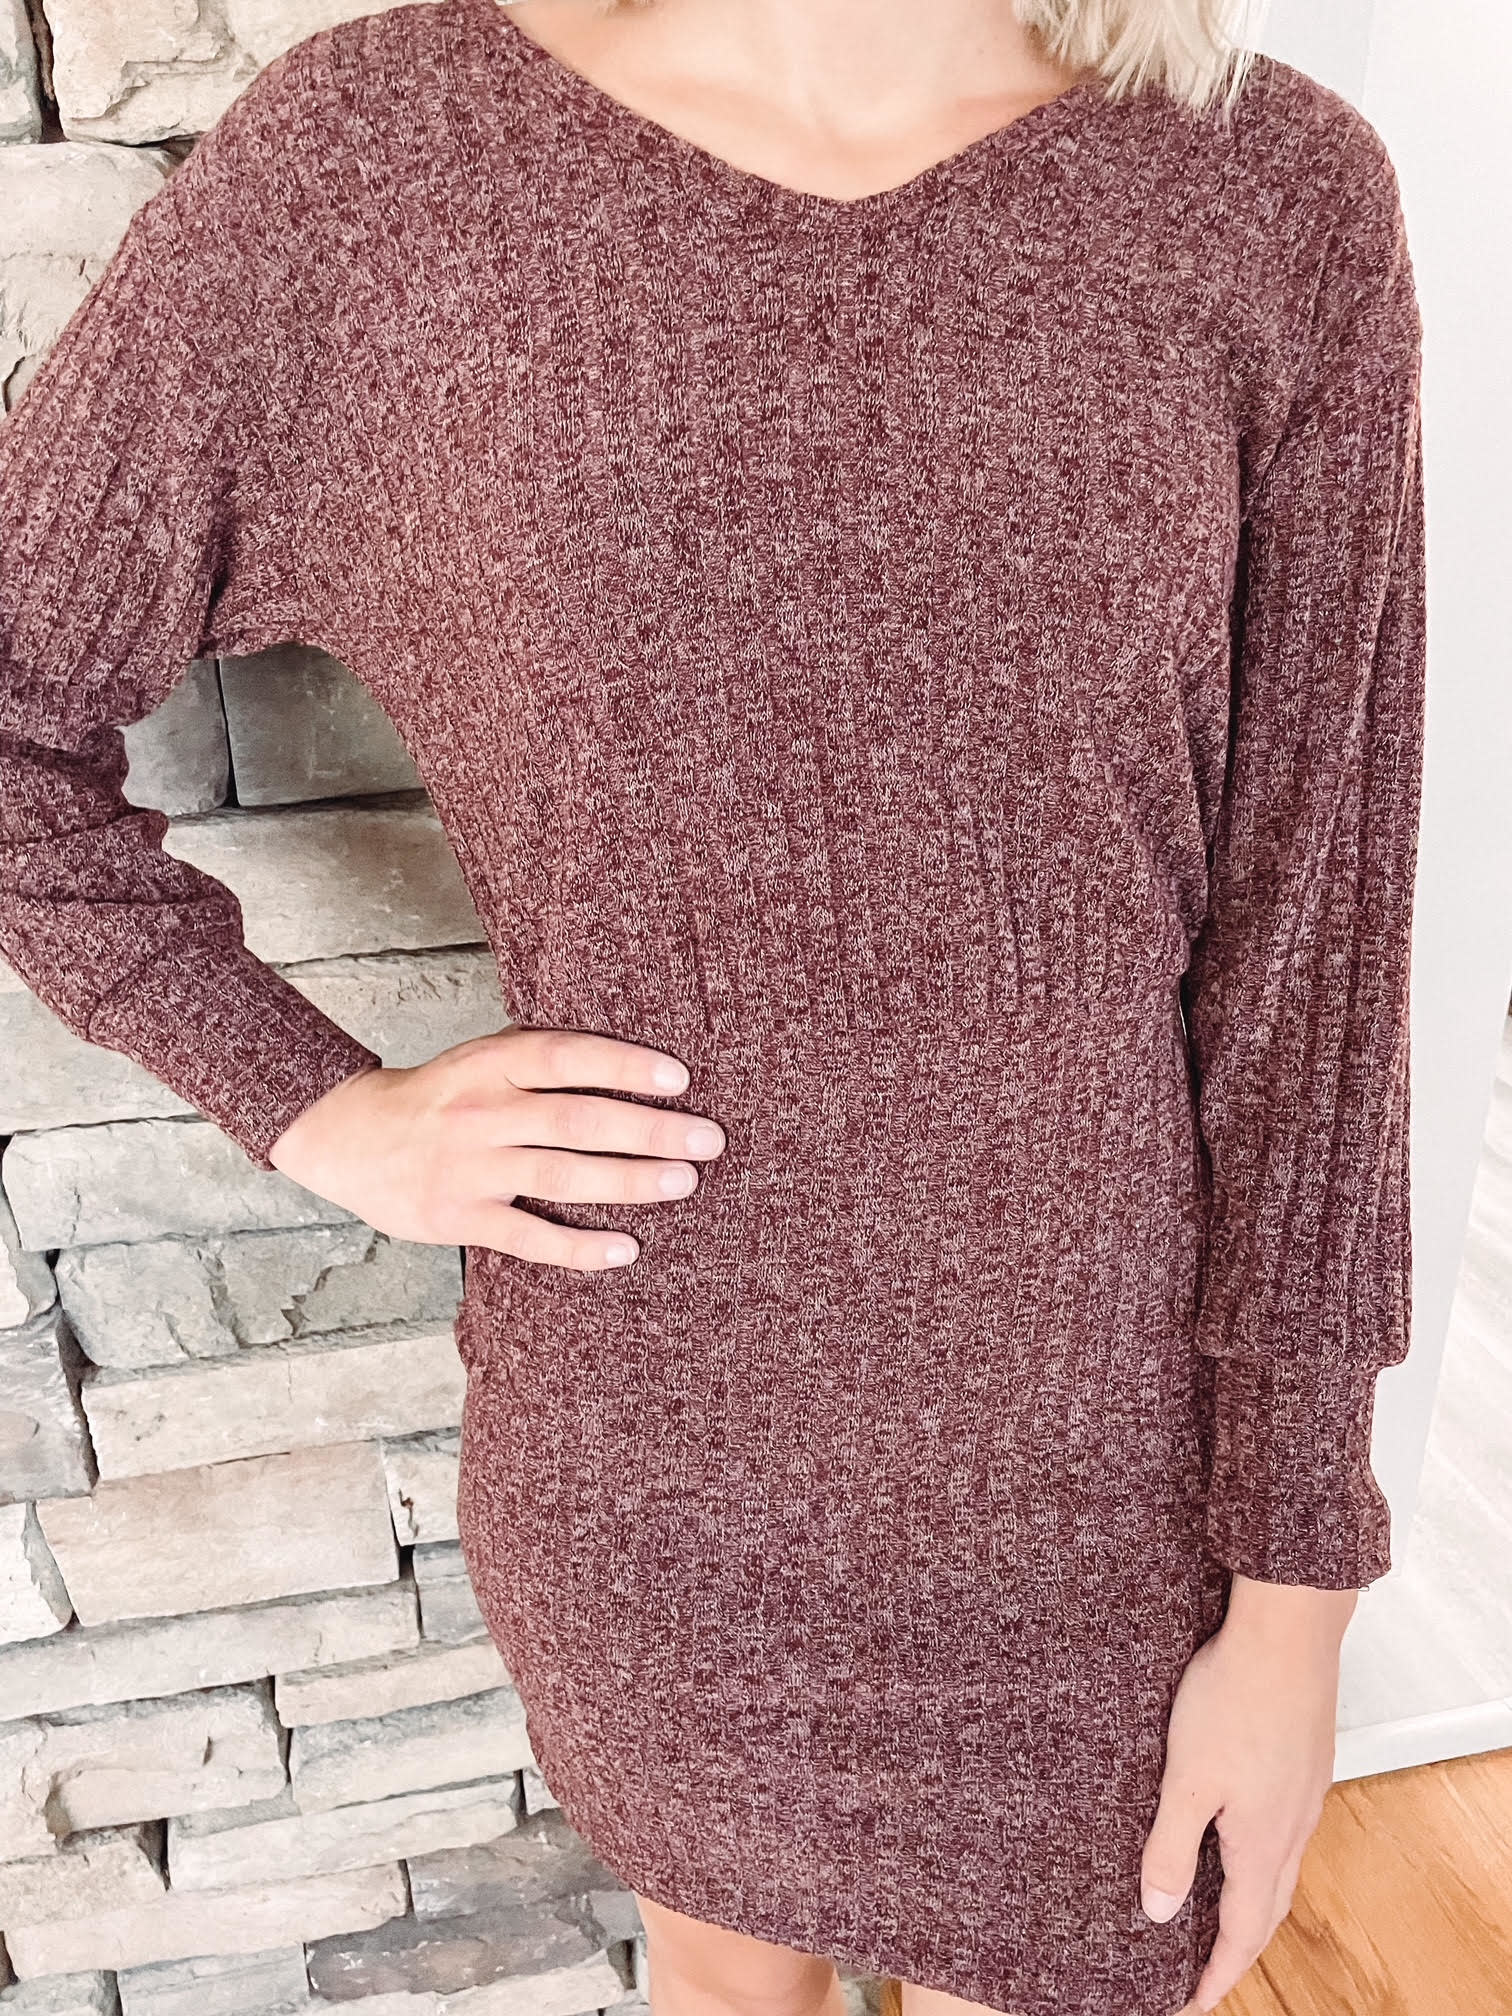 Carey Twist Back Dress